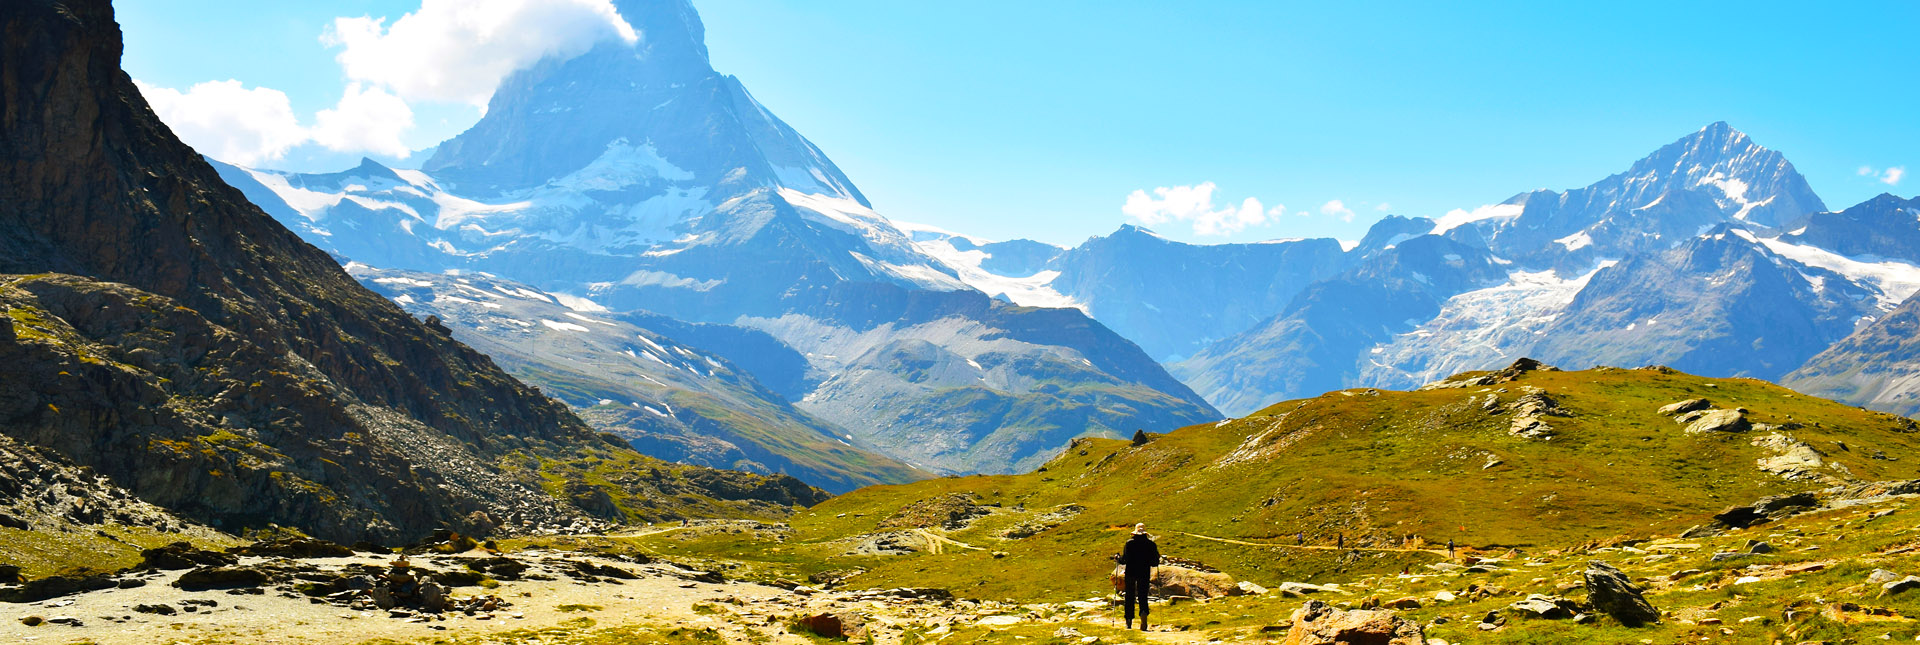 View of Matterhorn en-route